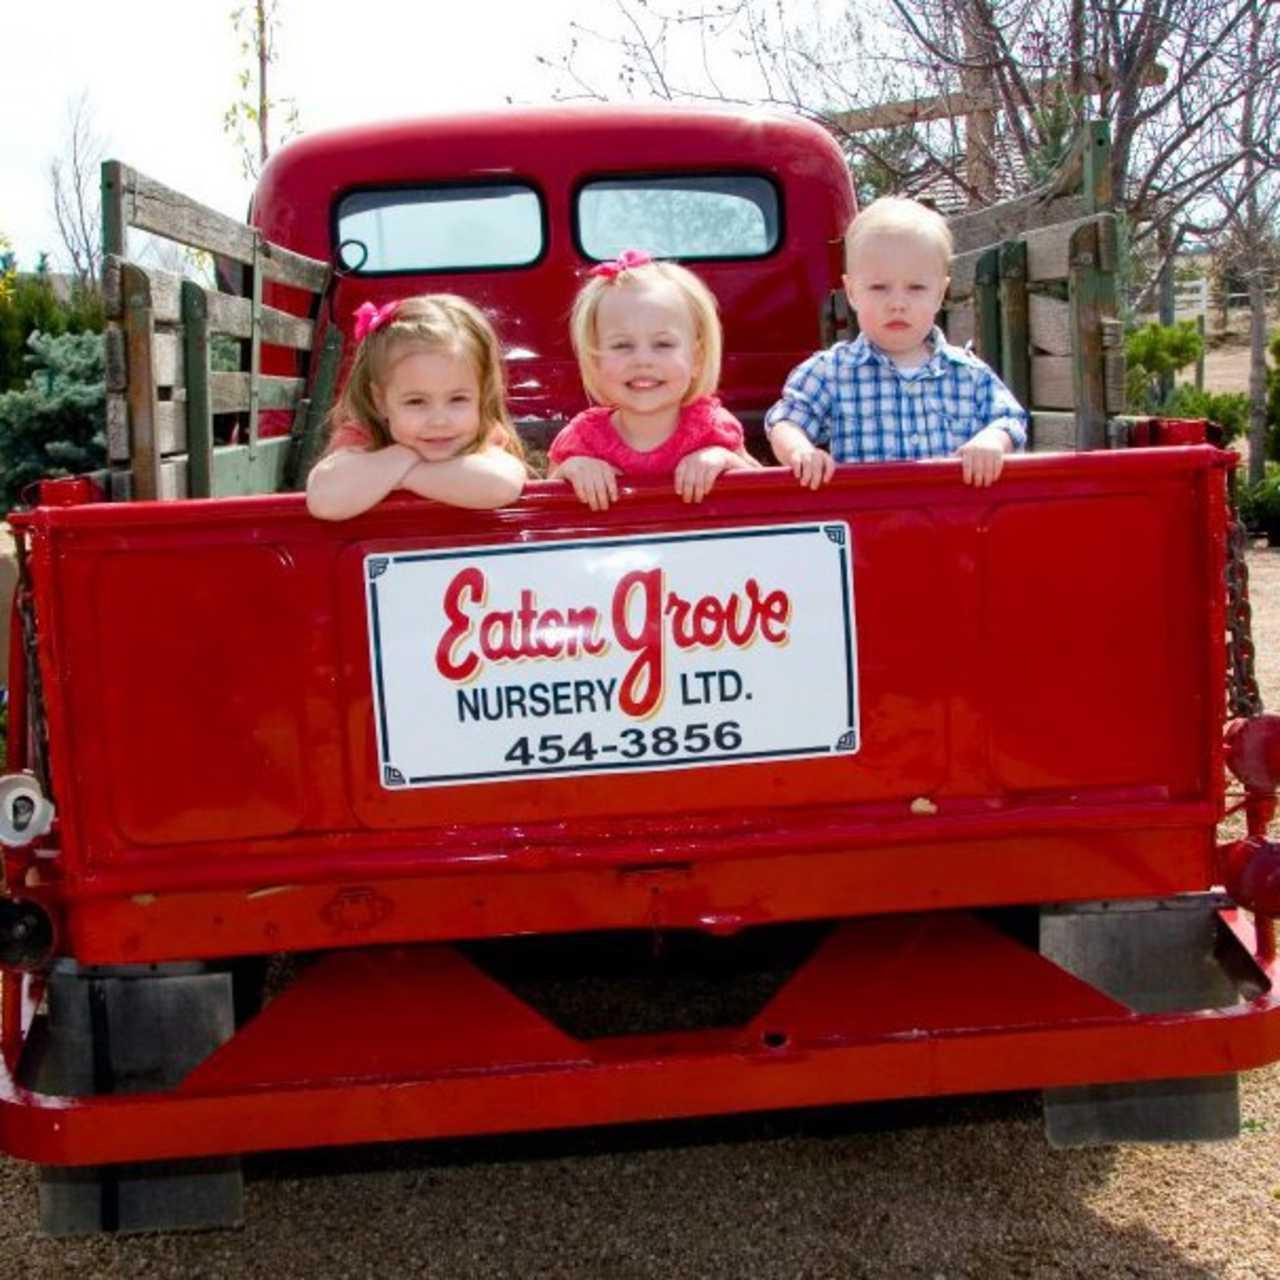 Eaton Grove Garden Center Nursery - Agriculture - Greenhouses in Eaton CO